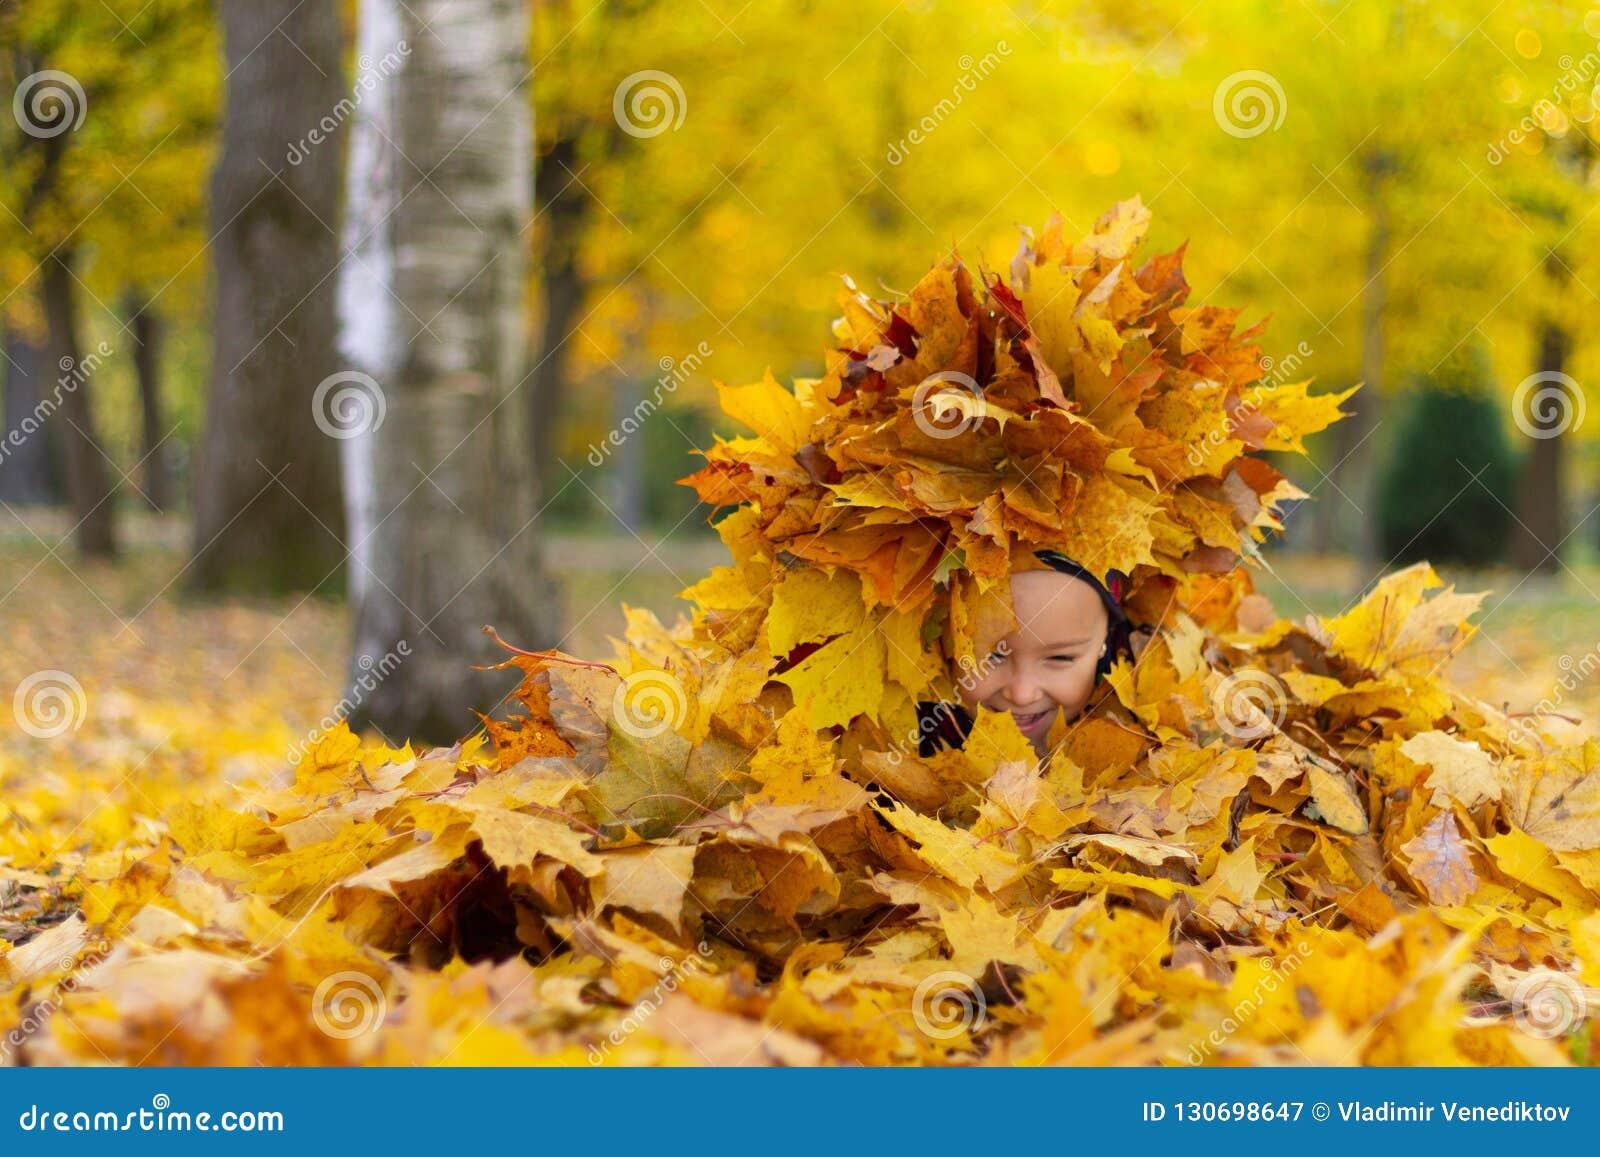 La niña feliz juega con las hojas de otoño en el parque